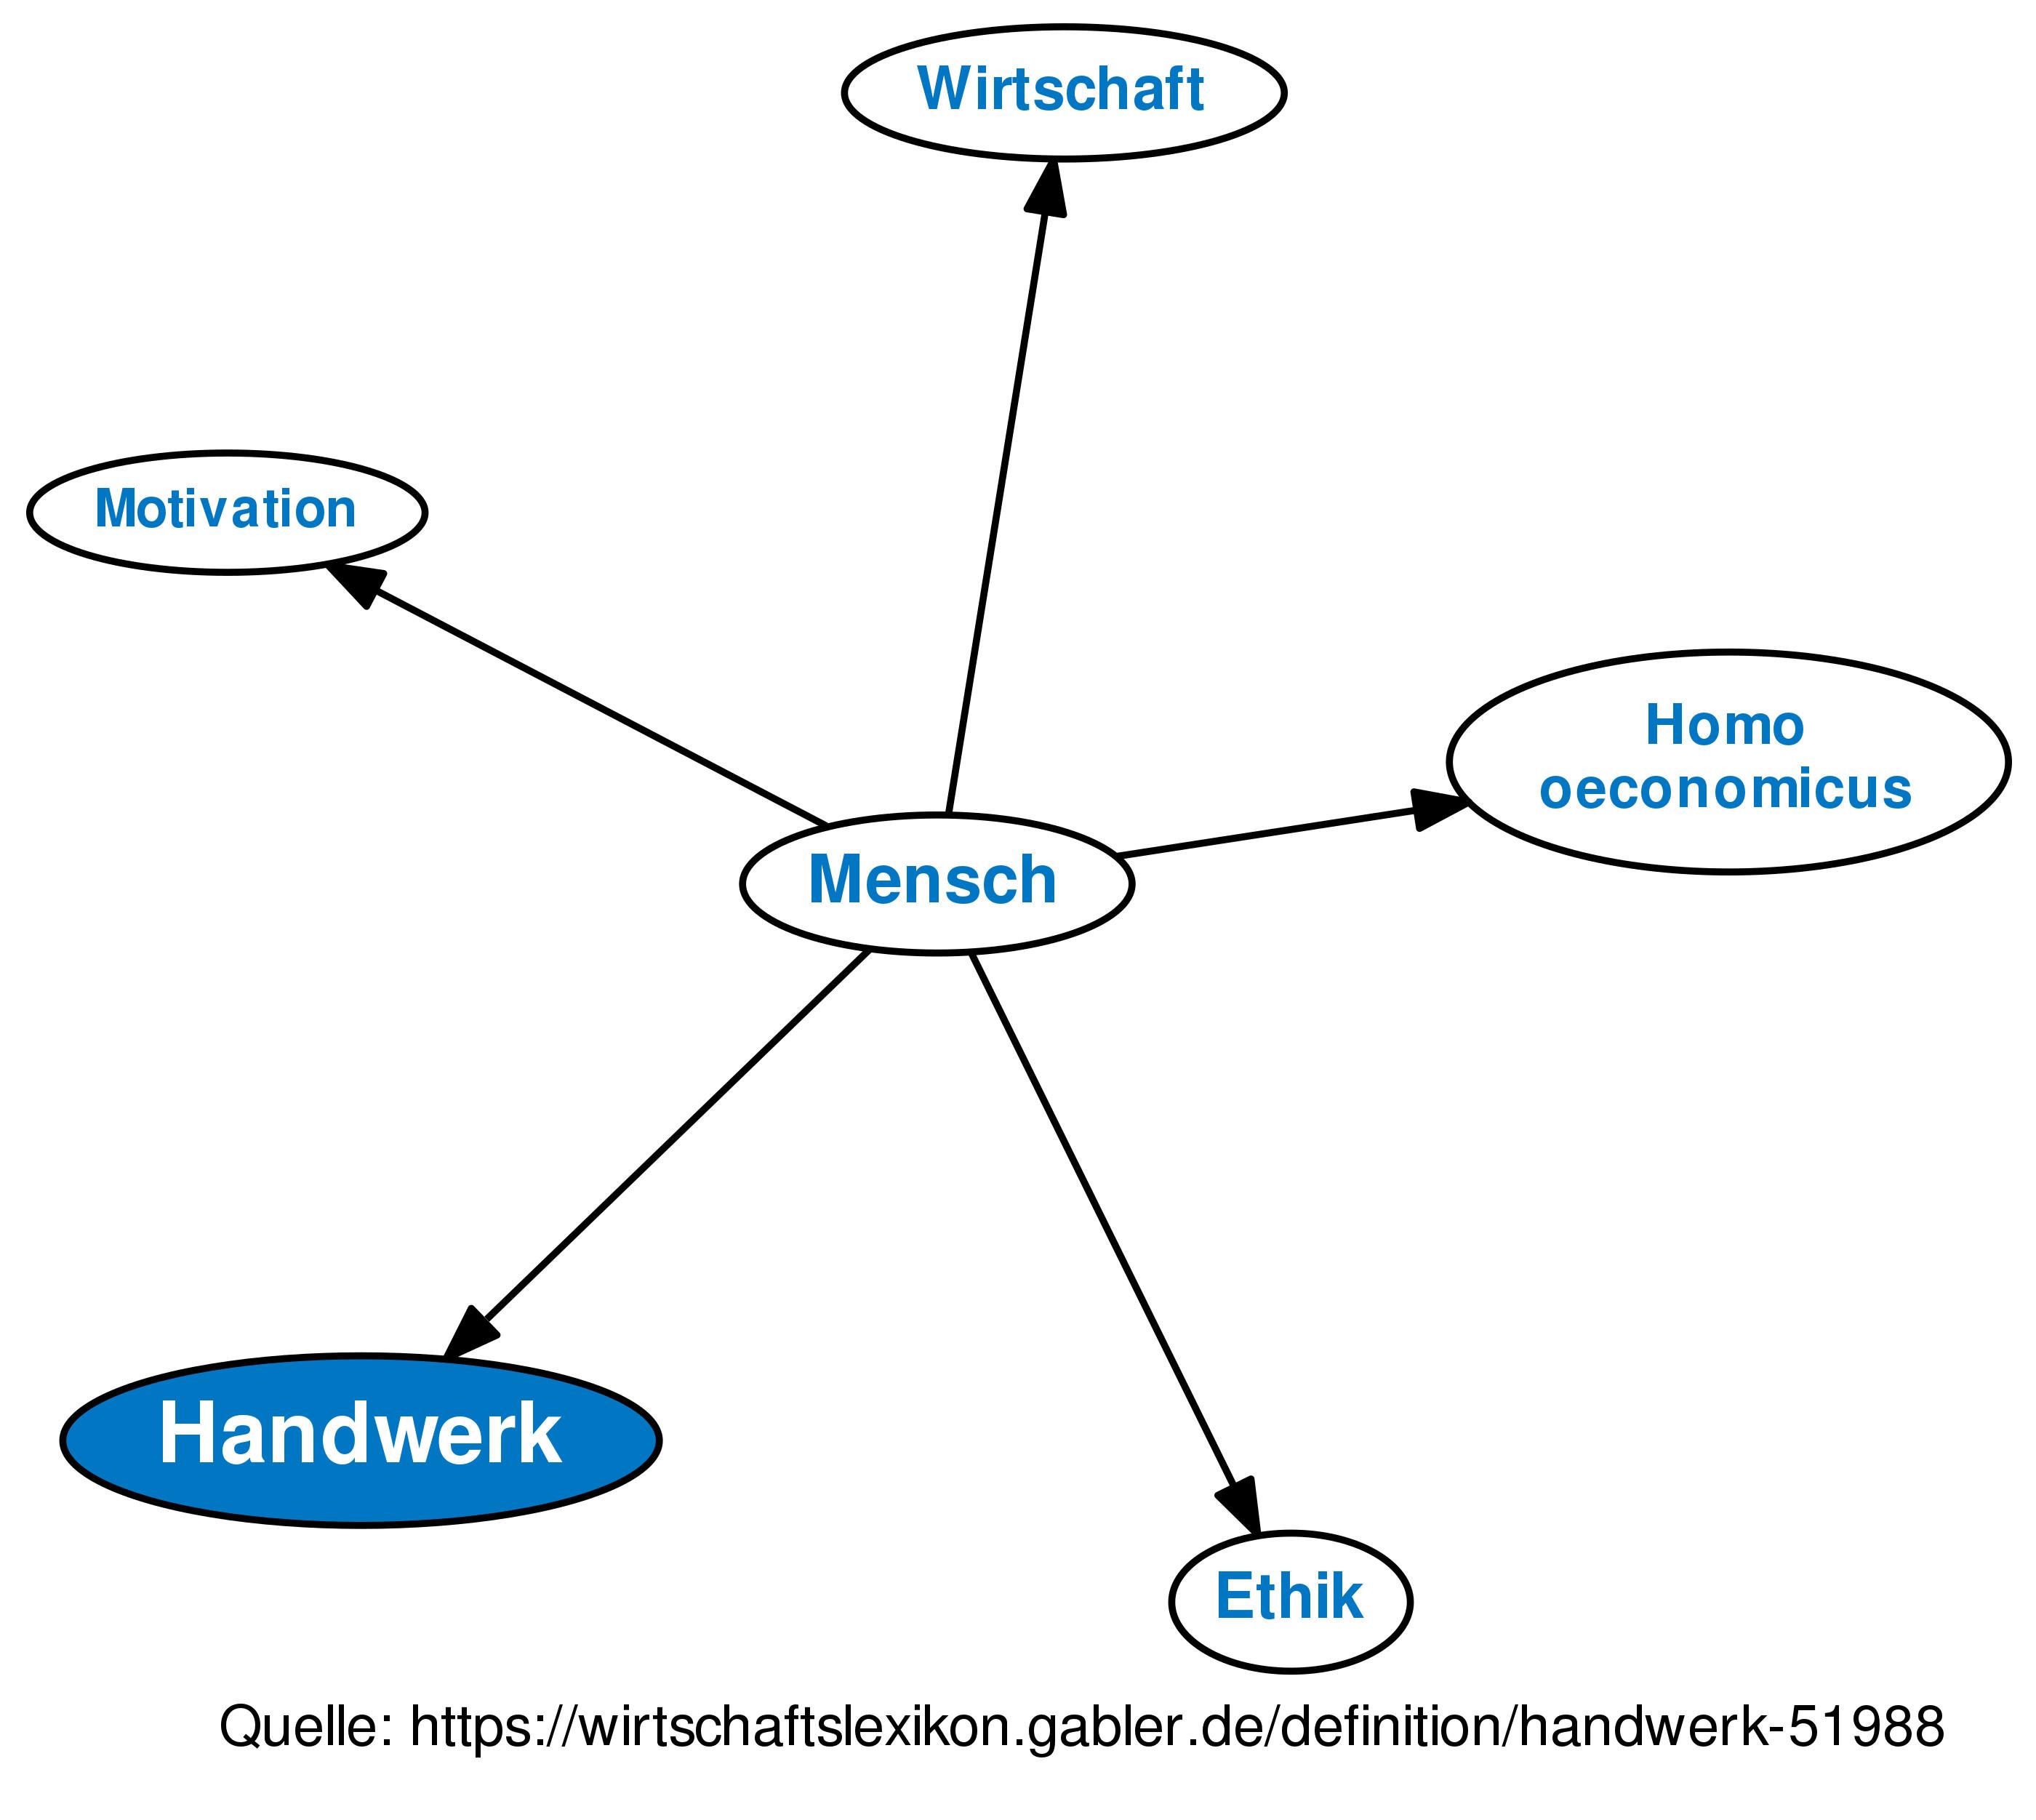 Handwerk Definition  Definition Handwerk im Gabler Wirtschaftslexikon